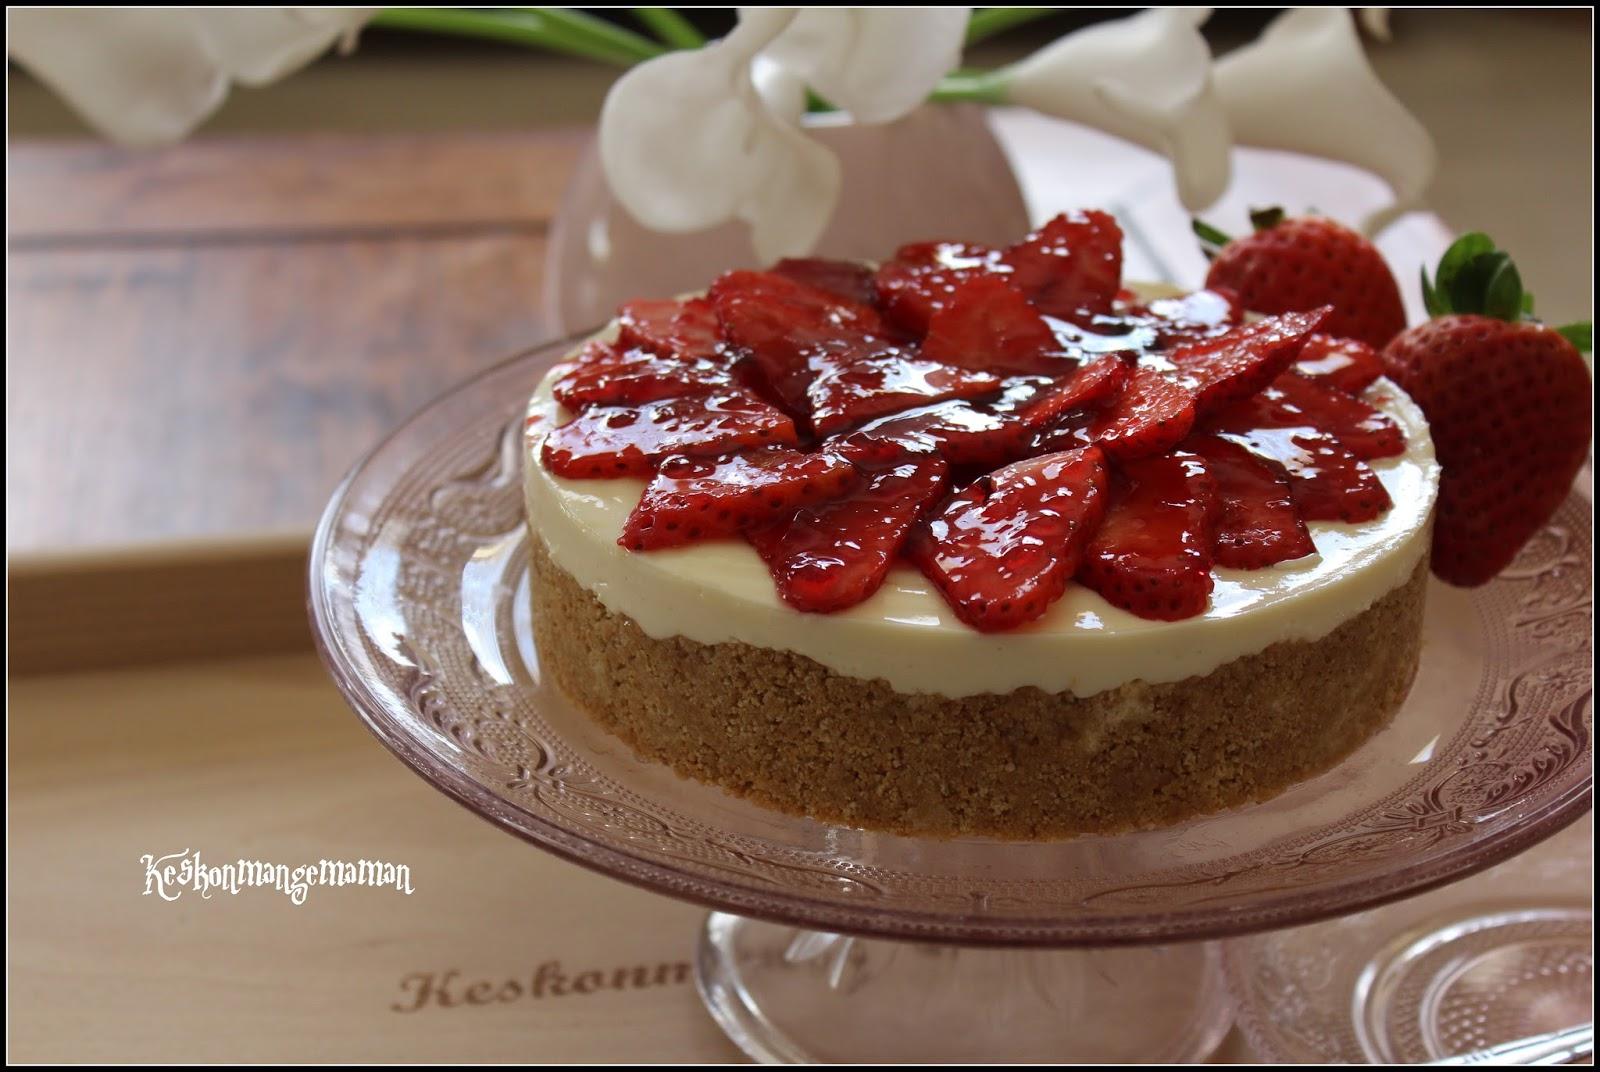 Keskonmangemaman cheesecake au lait concentr fraises la gel e de framboises sans cuisson - Cheesecake framboise sans cuisson ...